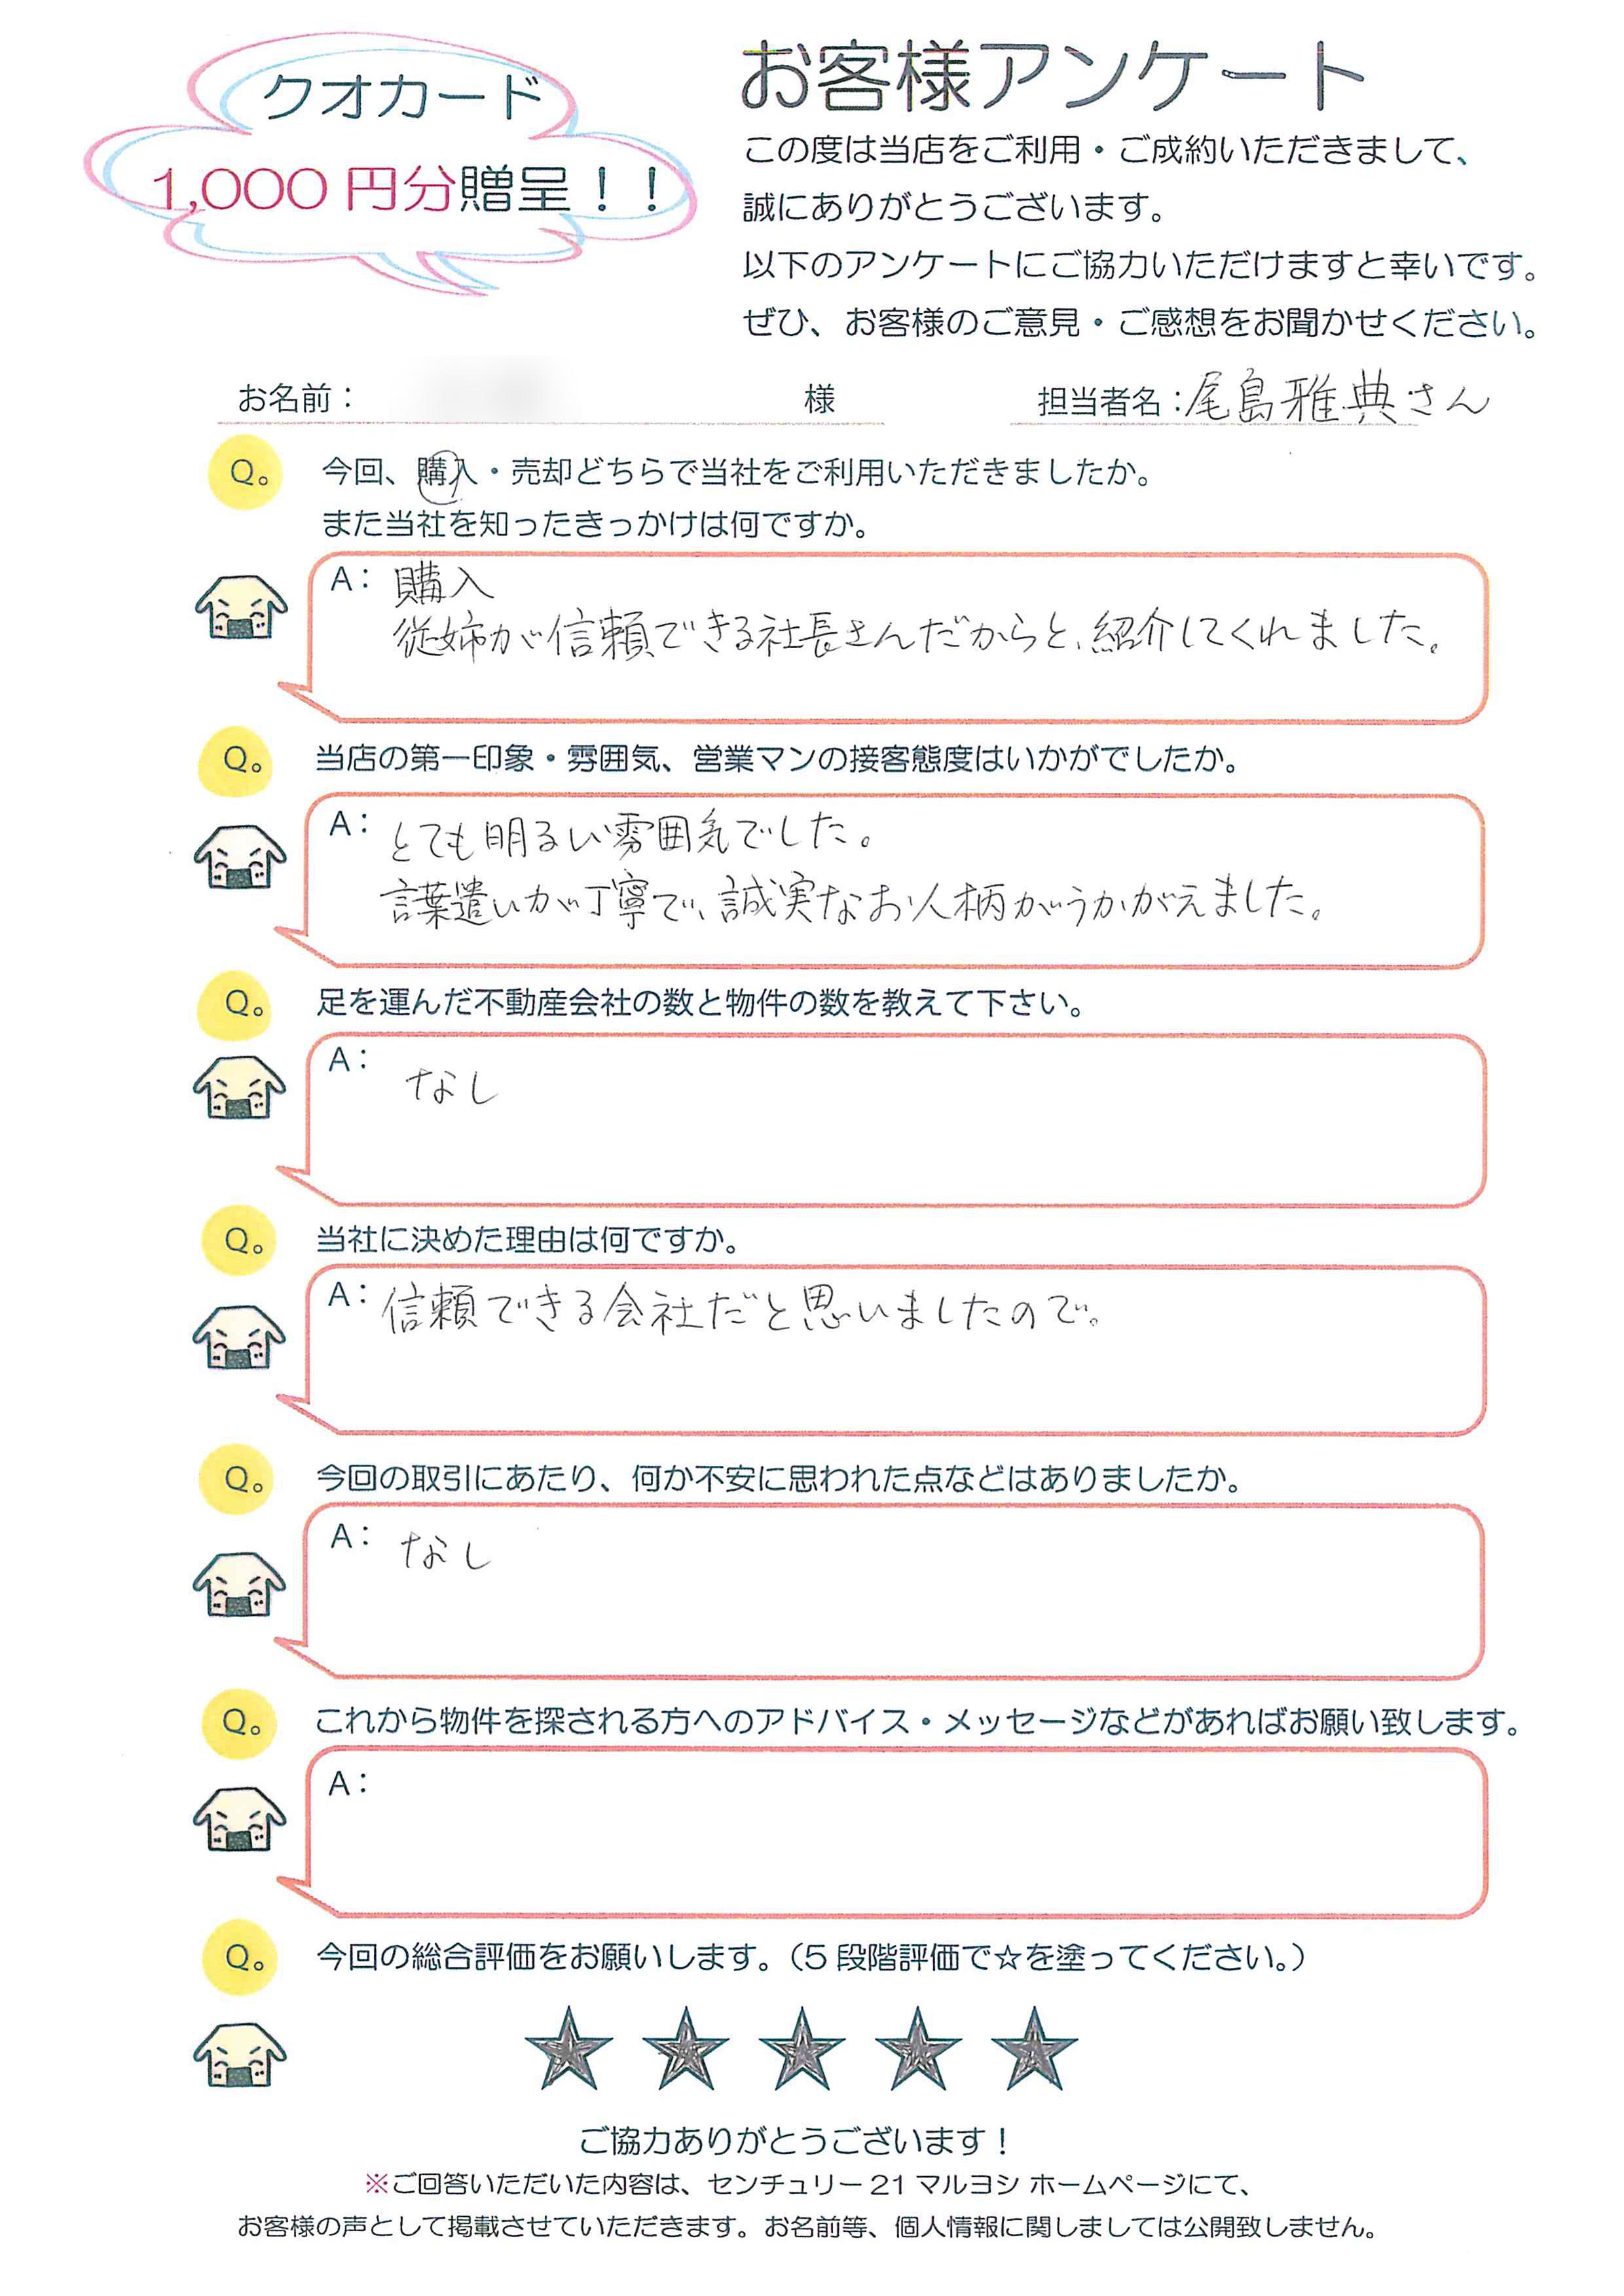 S様(マンションご購入)